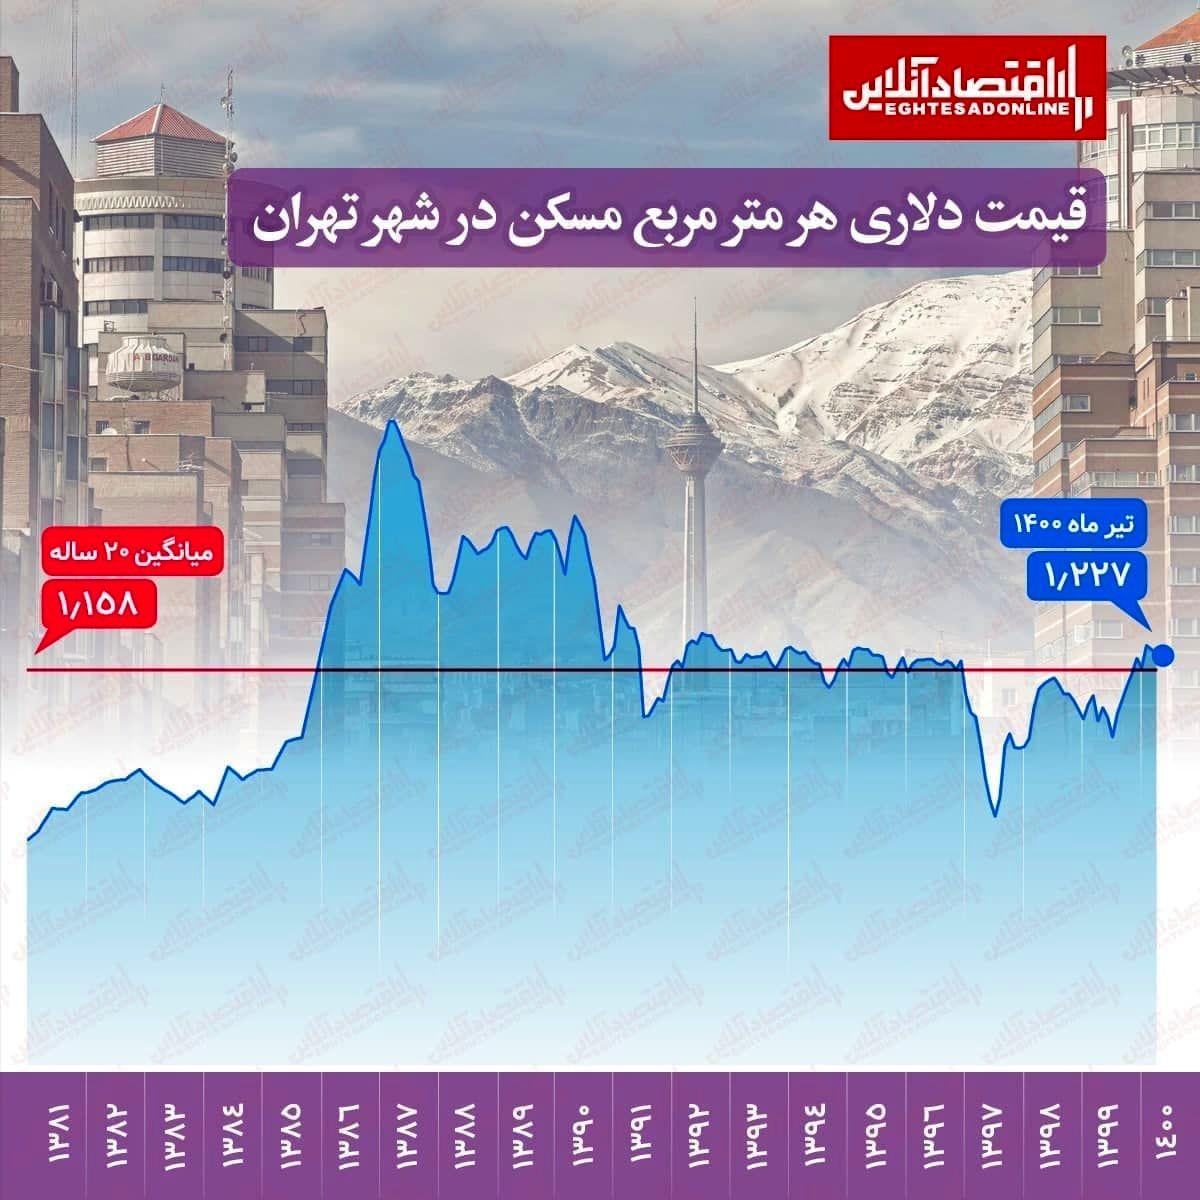 قیمت دلاری هر مترمربع مسکن در شهر تهران